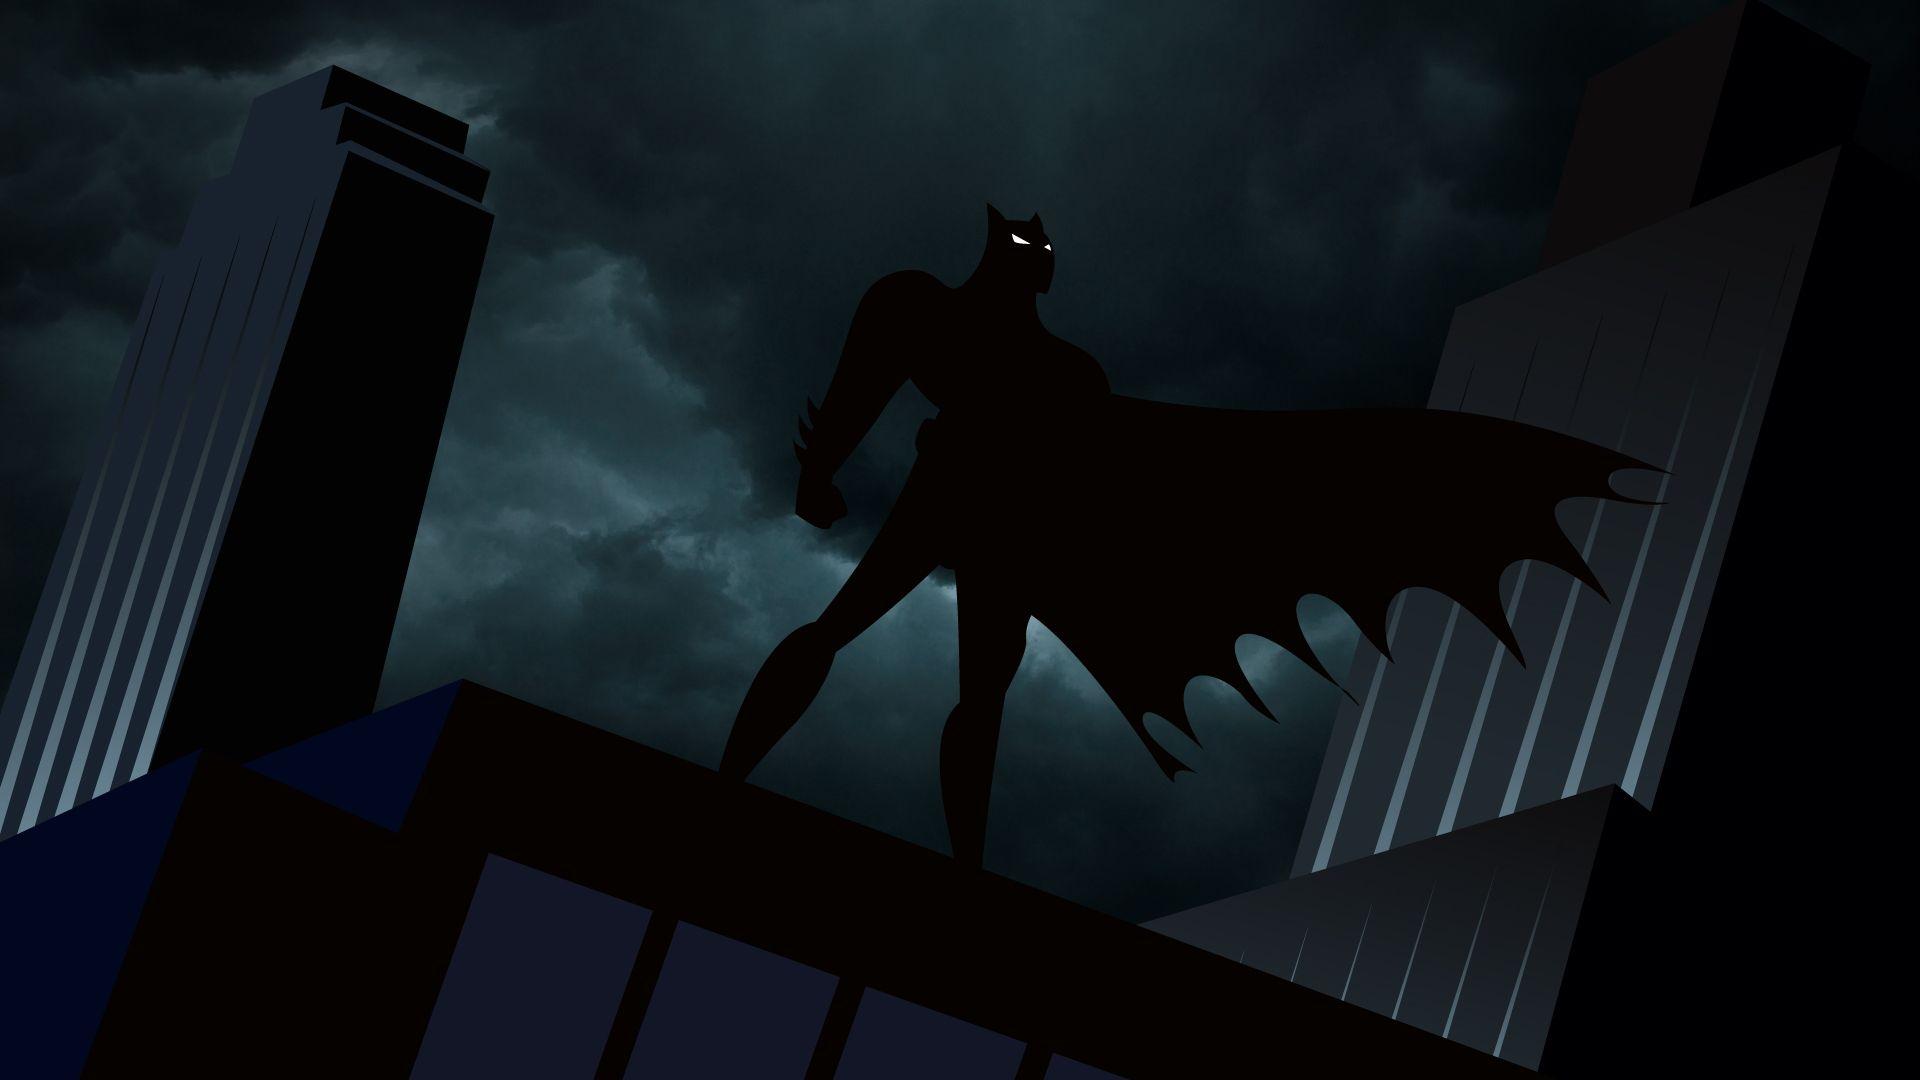 بالصور خلفيات باتمان , صور البطل الخارق محبوب الاطفال 3538 7